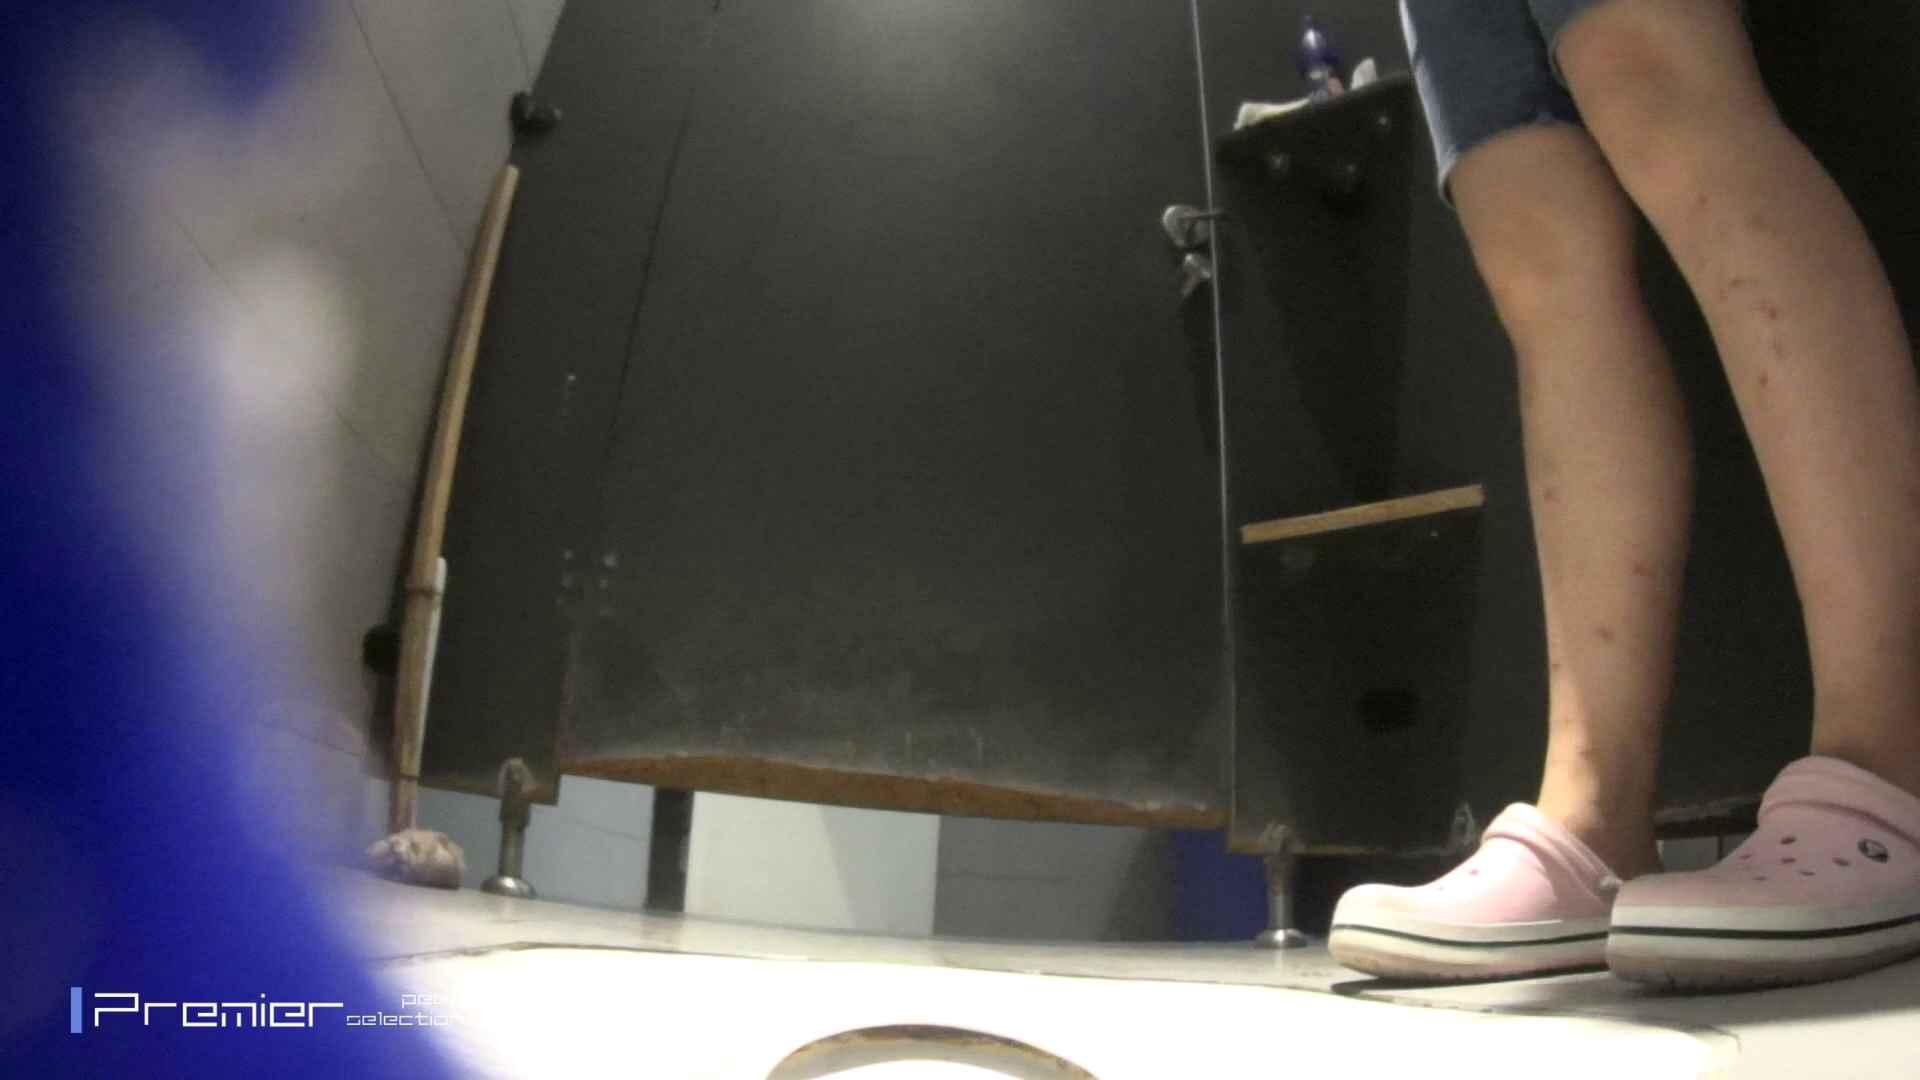 色白美女の洗面所 大学休憩時間の洗面所事情51 美肌   美女H映像  55画像 11